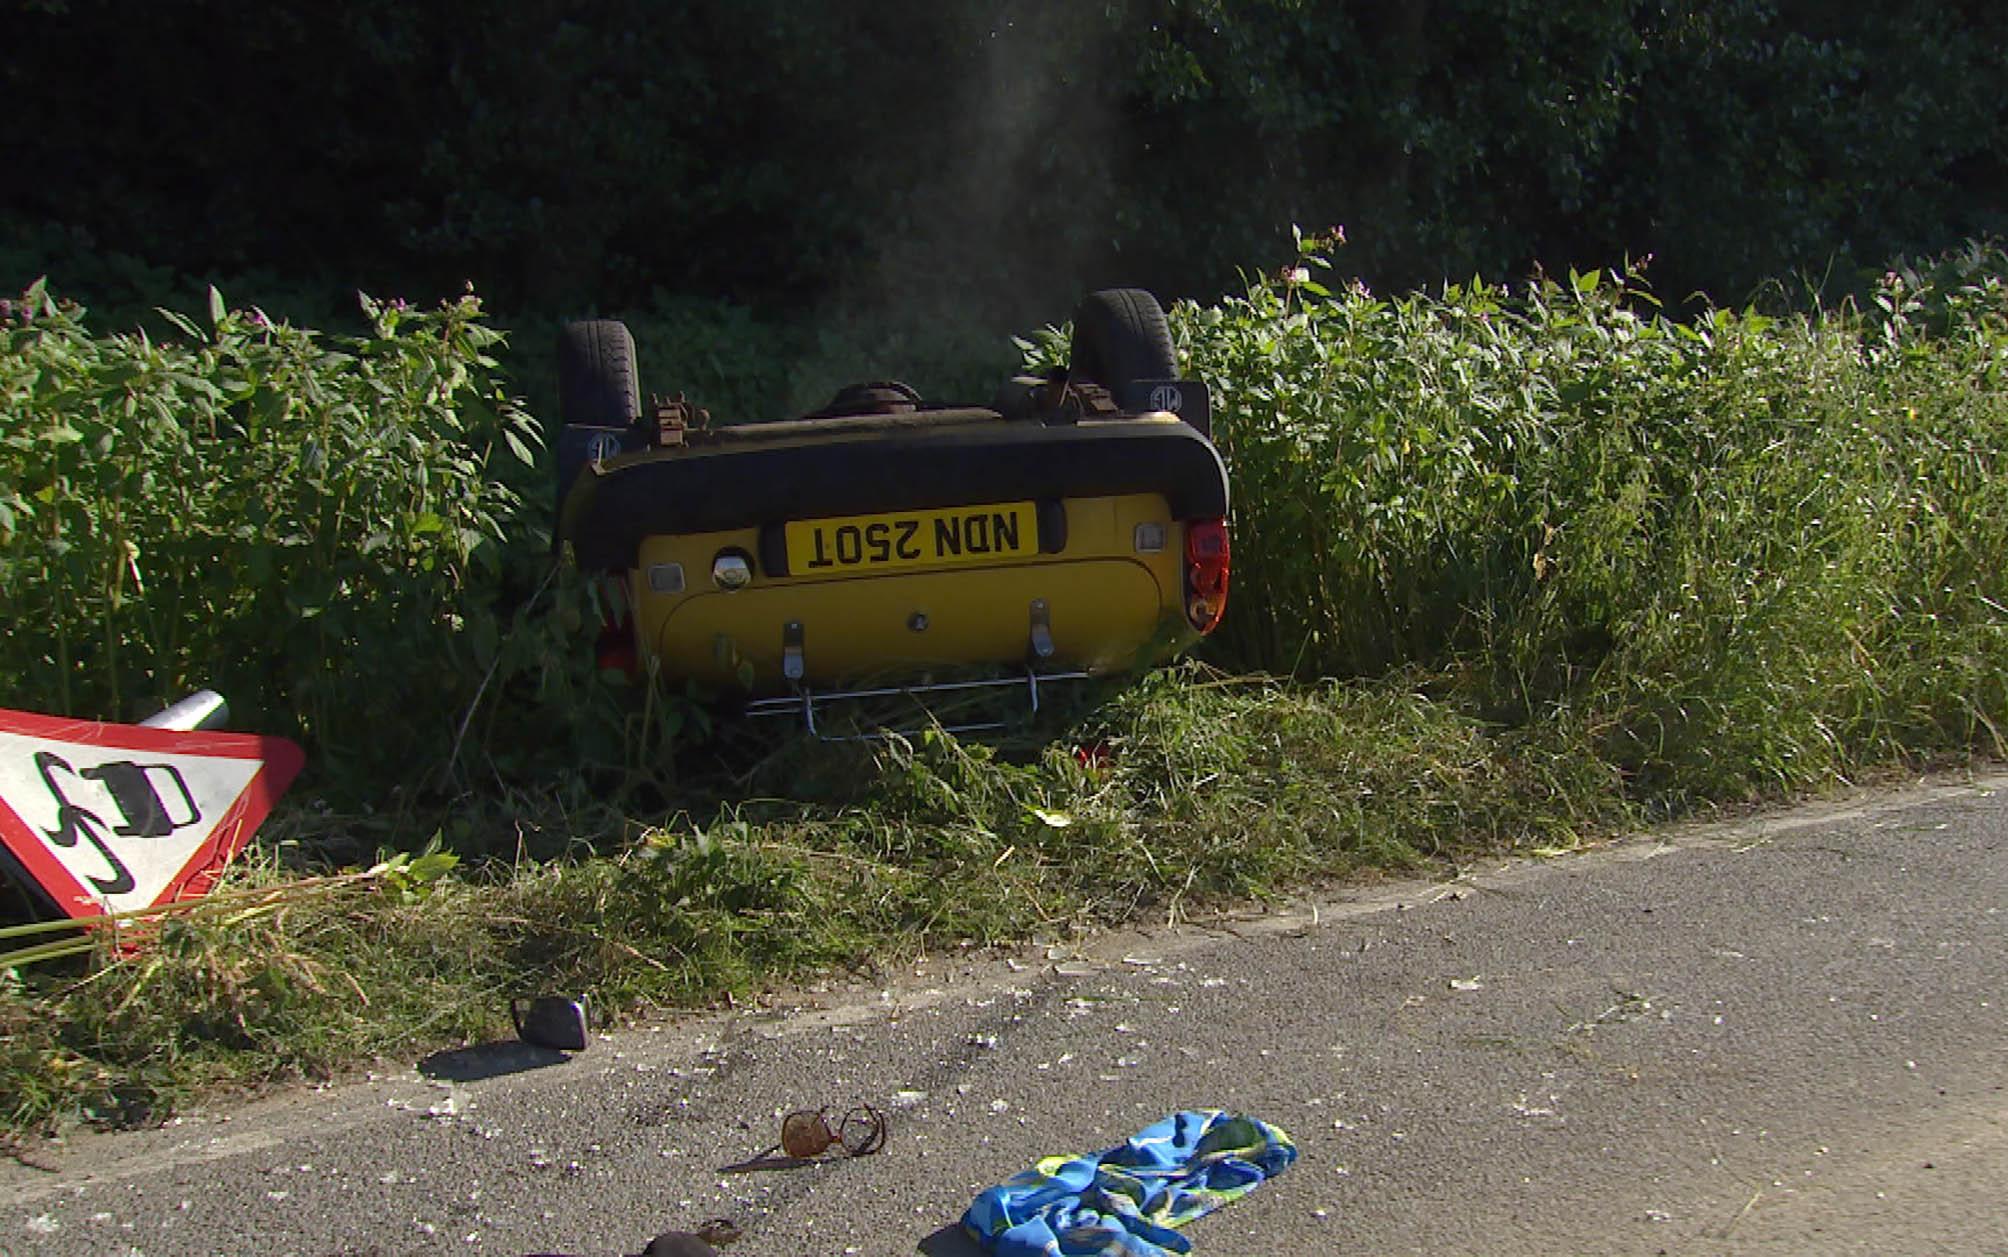 Emmerdale spoilers: Horror car crash for Megan and Frank